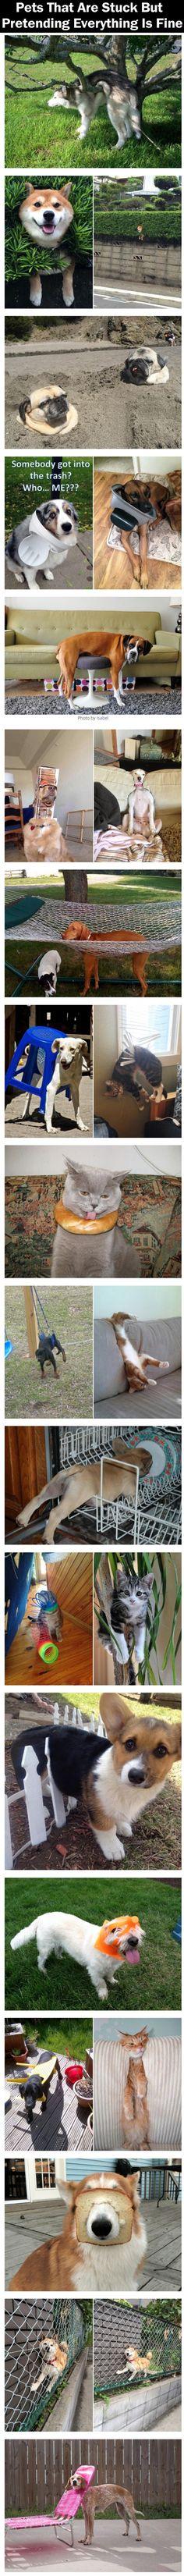 Poor pets!